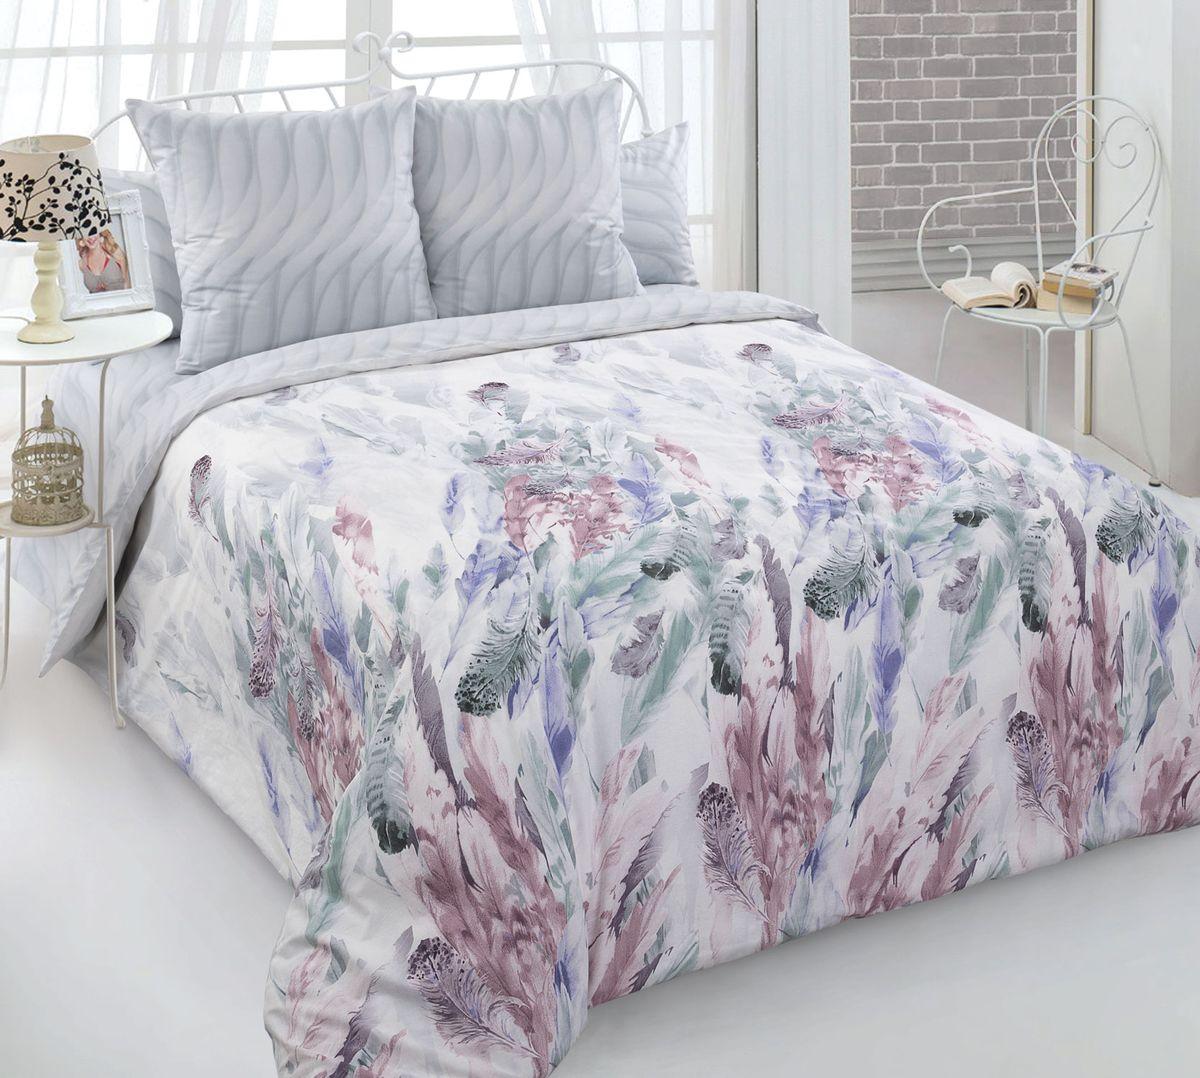 Комплект постельного белья 2-спальный, перкаль (Легкость)